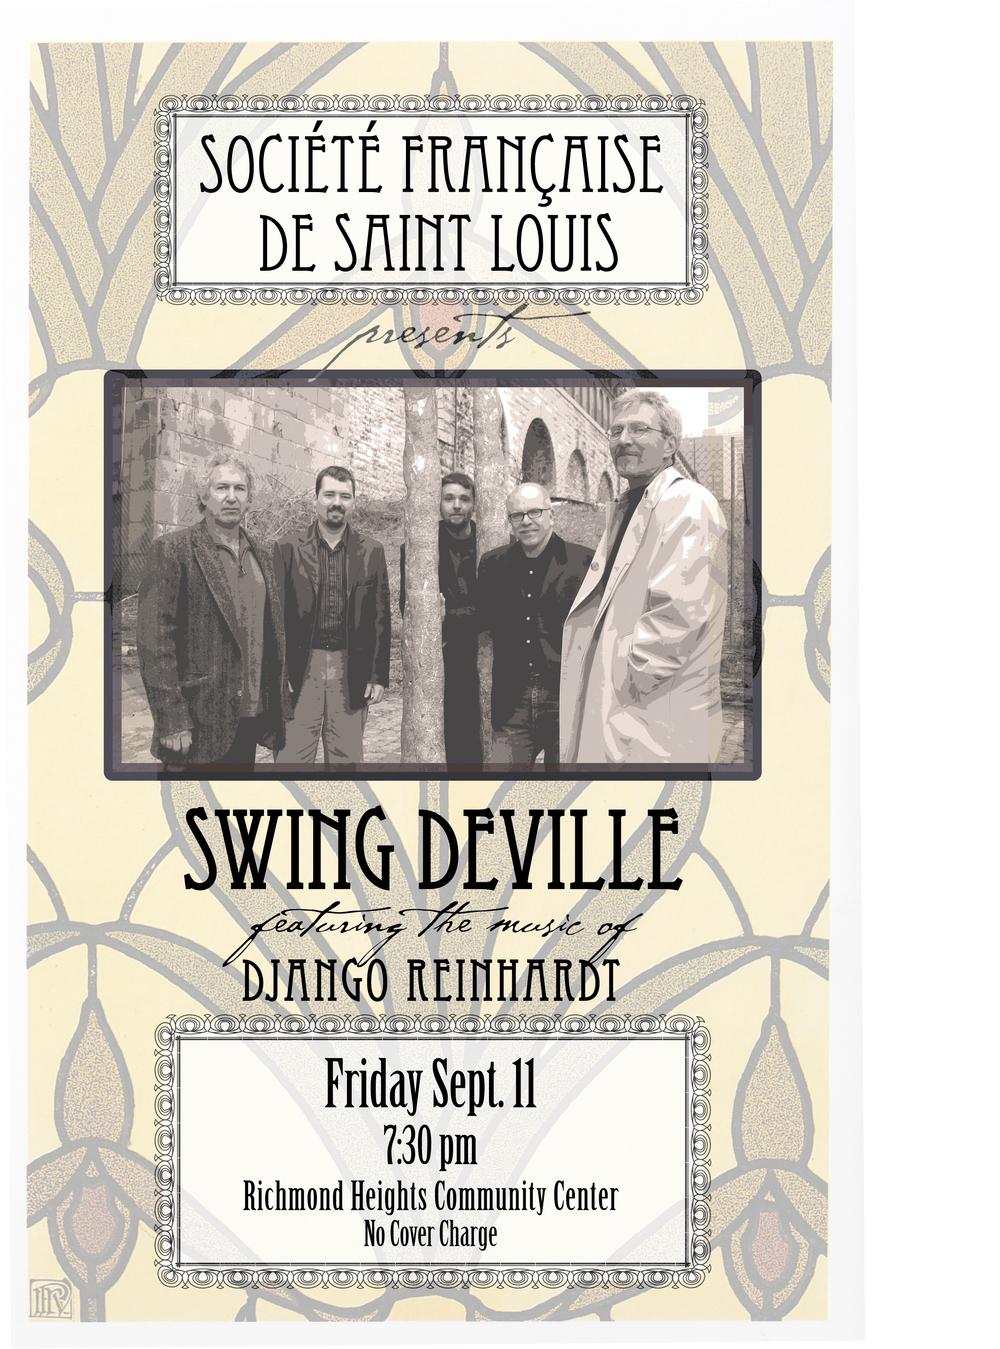 swing deville poster copy.jpg